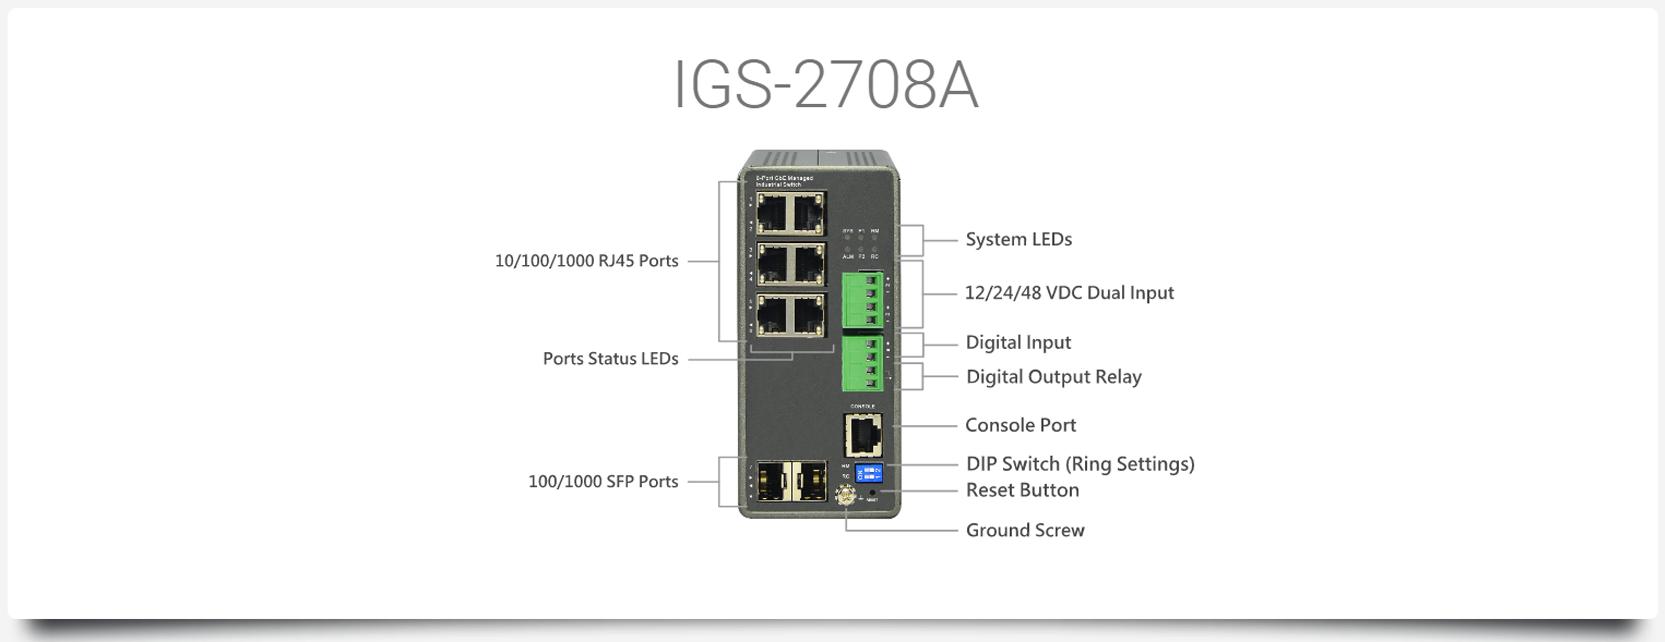 IGS-2708A